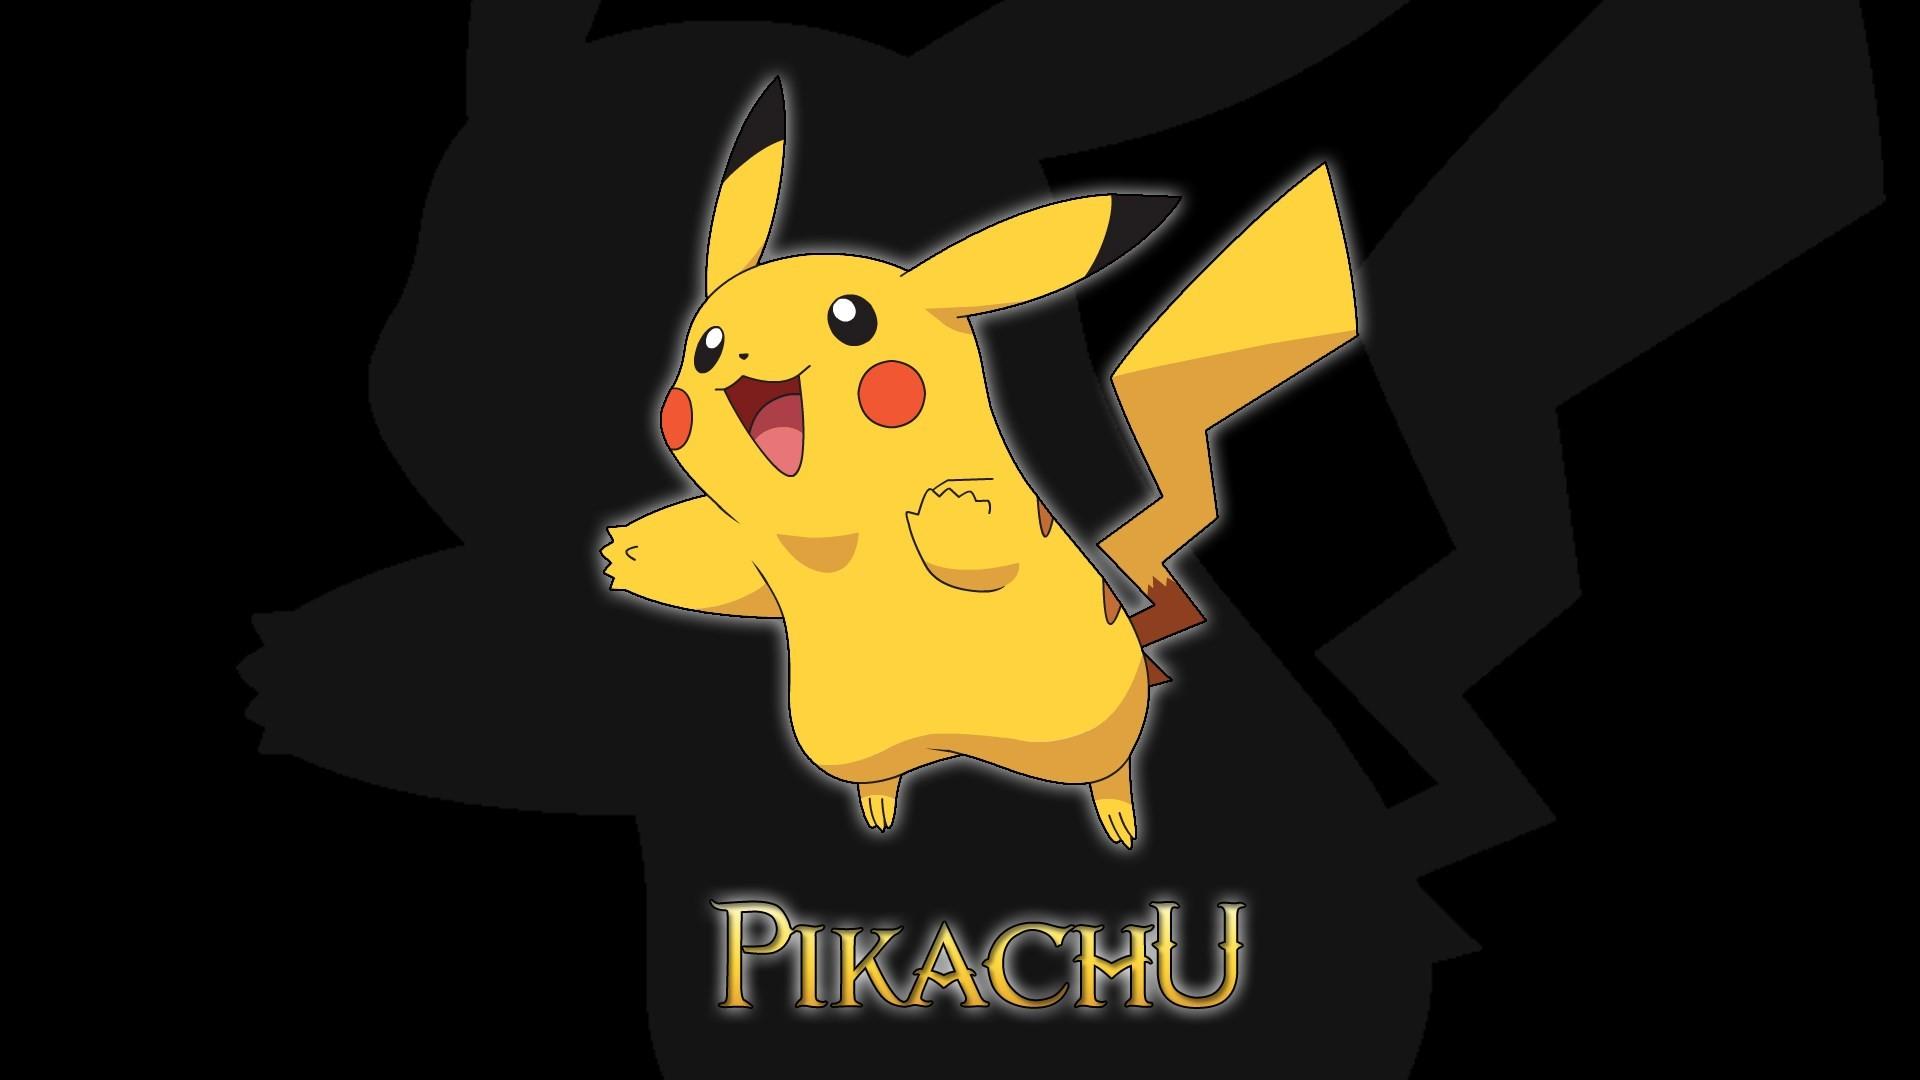 pikachu wallpaper widescreen